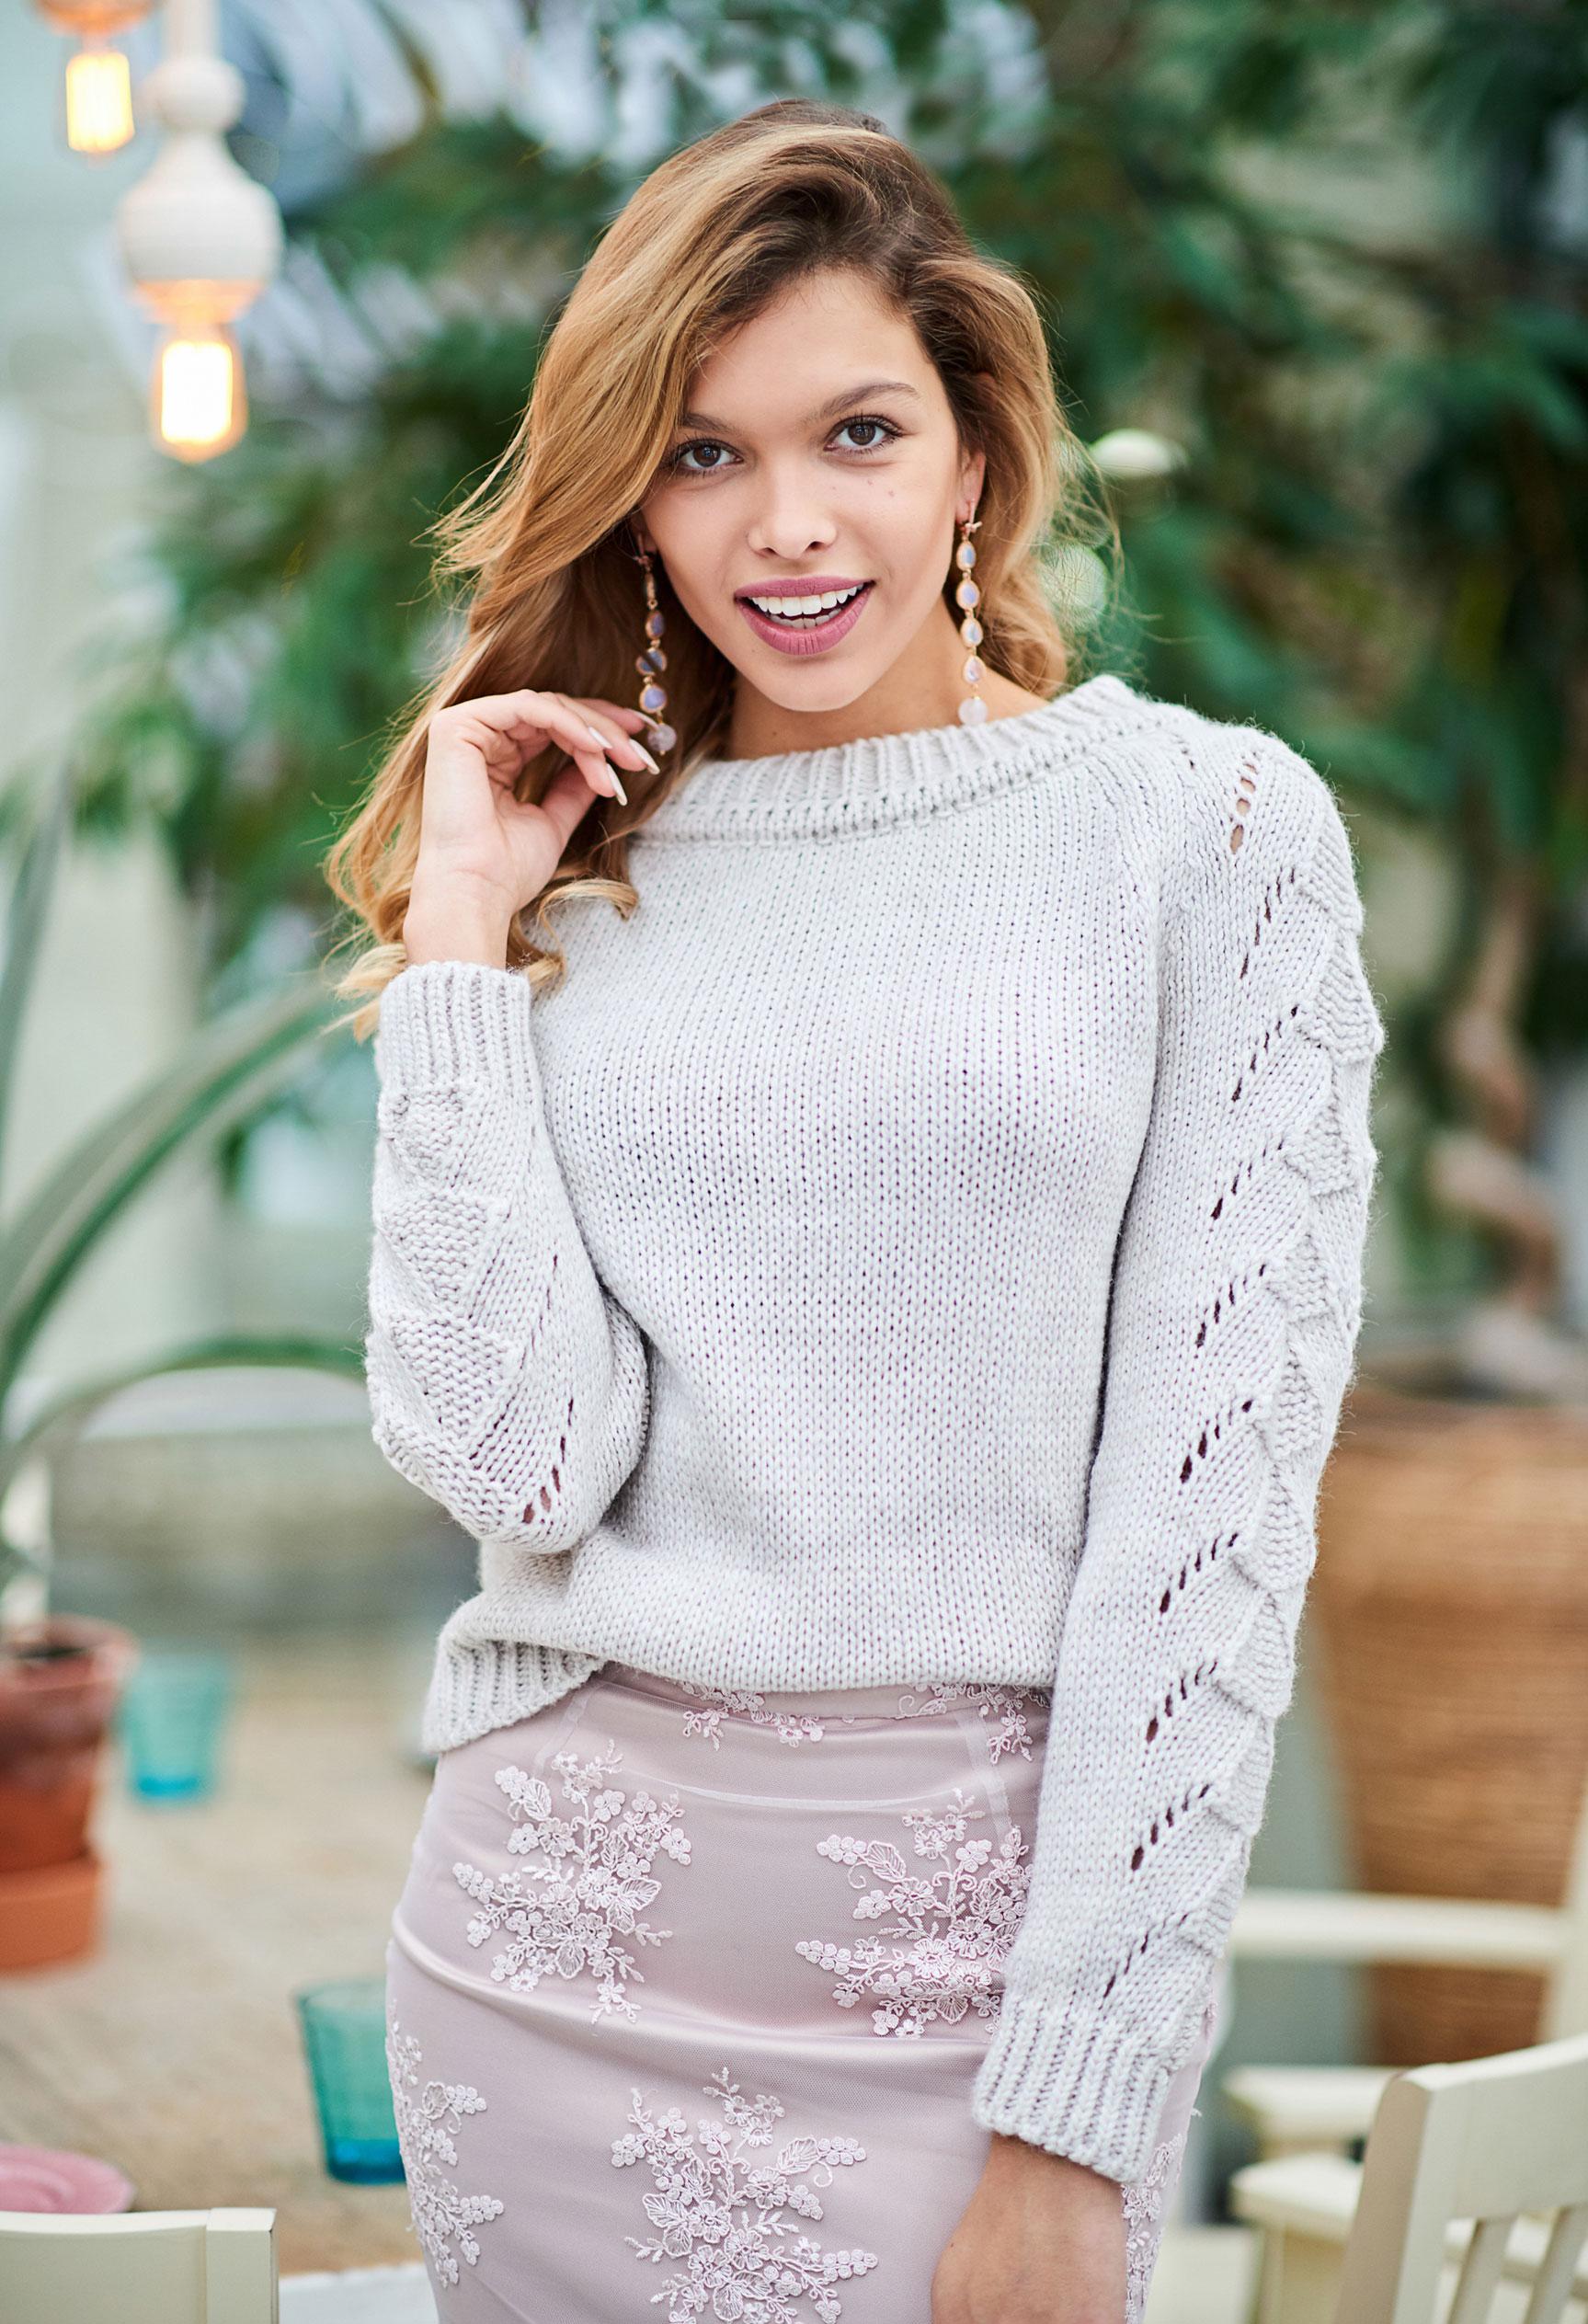 Анна Шорникова демонстрирует новогодние модели женской одежды модного бренда T-Skirt / фото 08